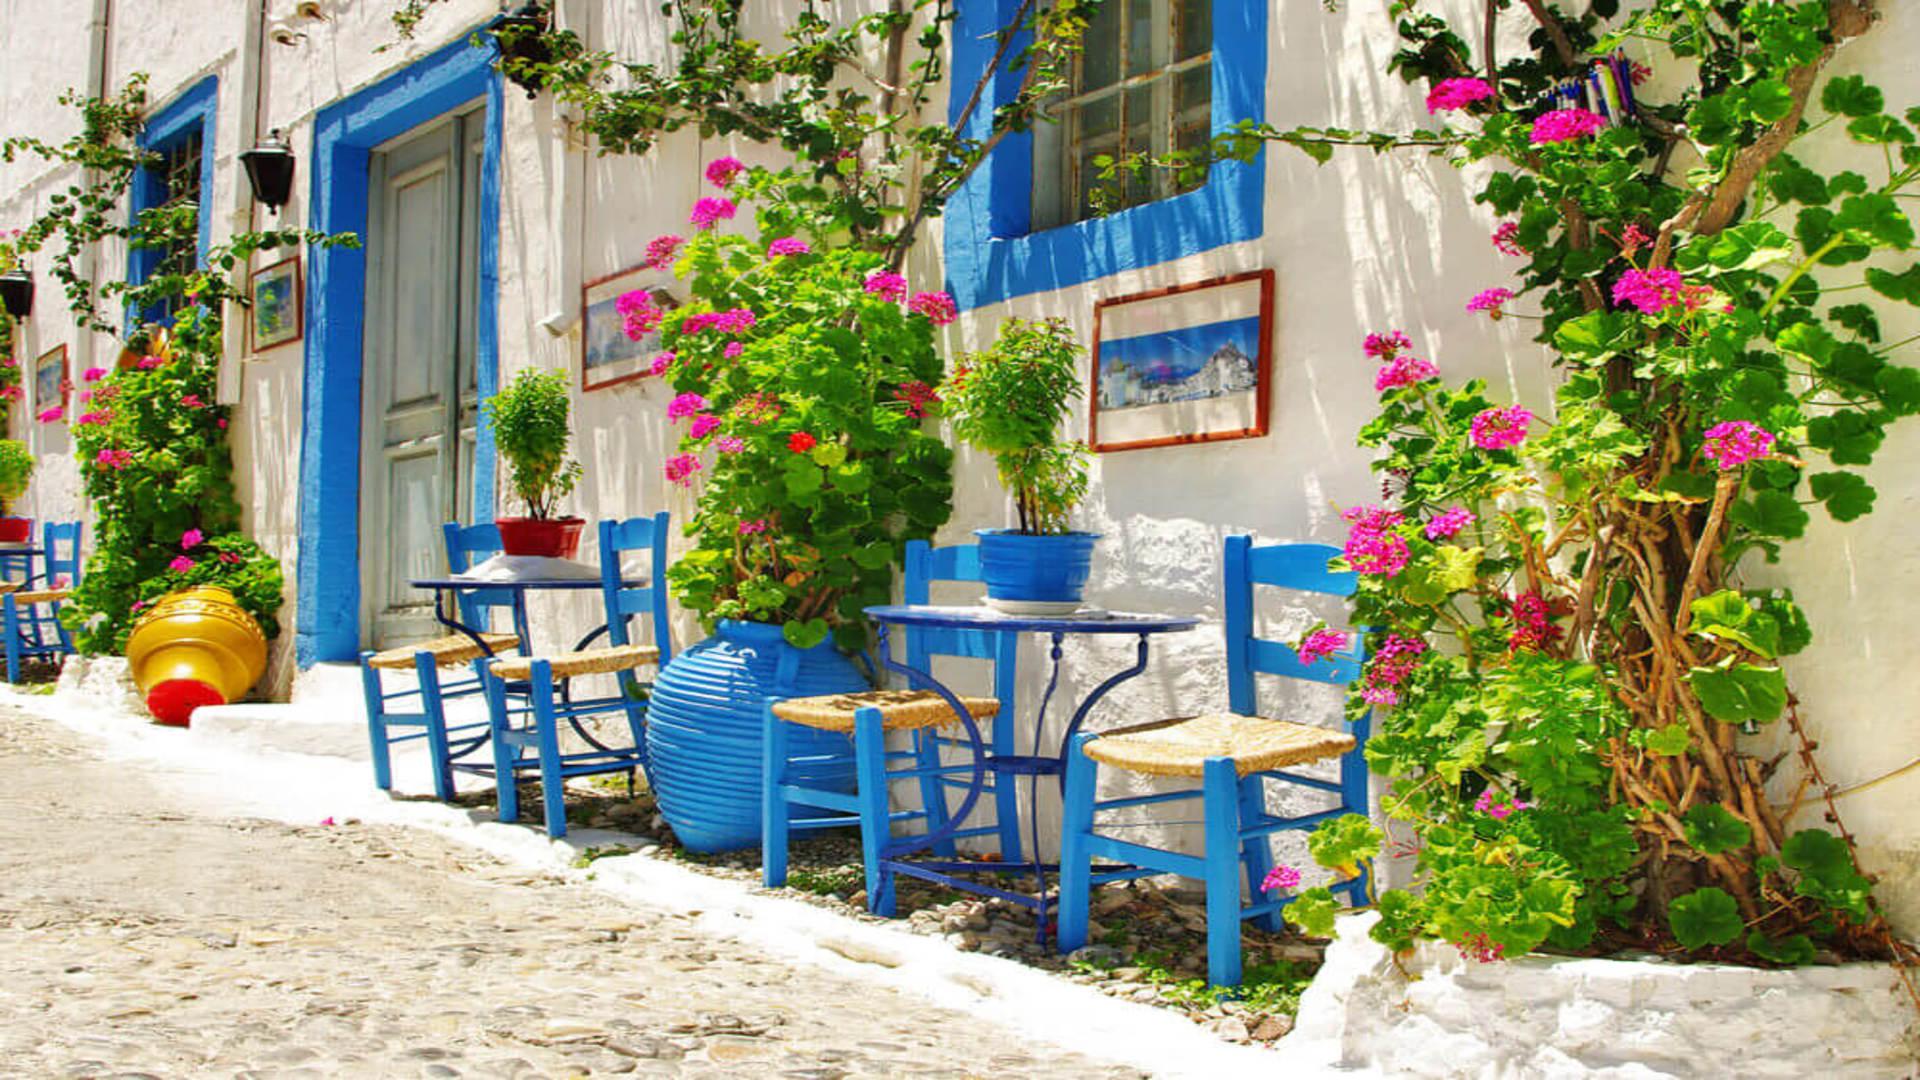 Straatje met blauwe stoeltjes in Kos, Griekenland